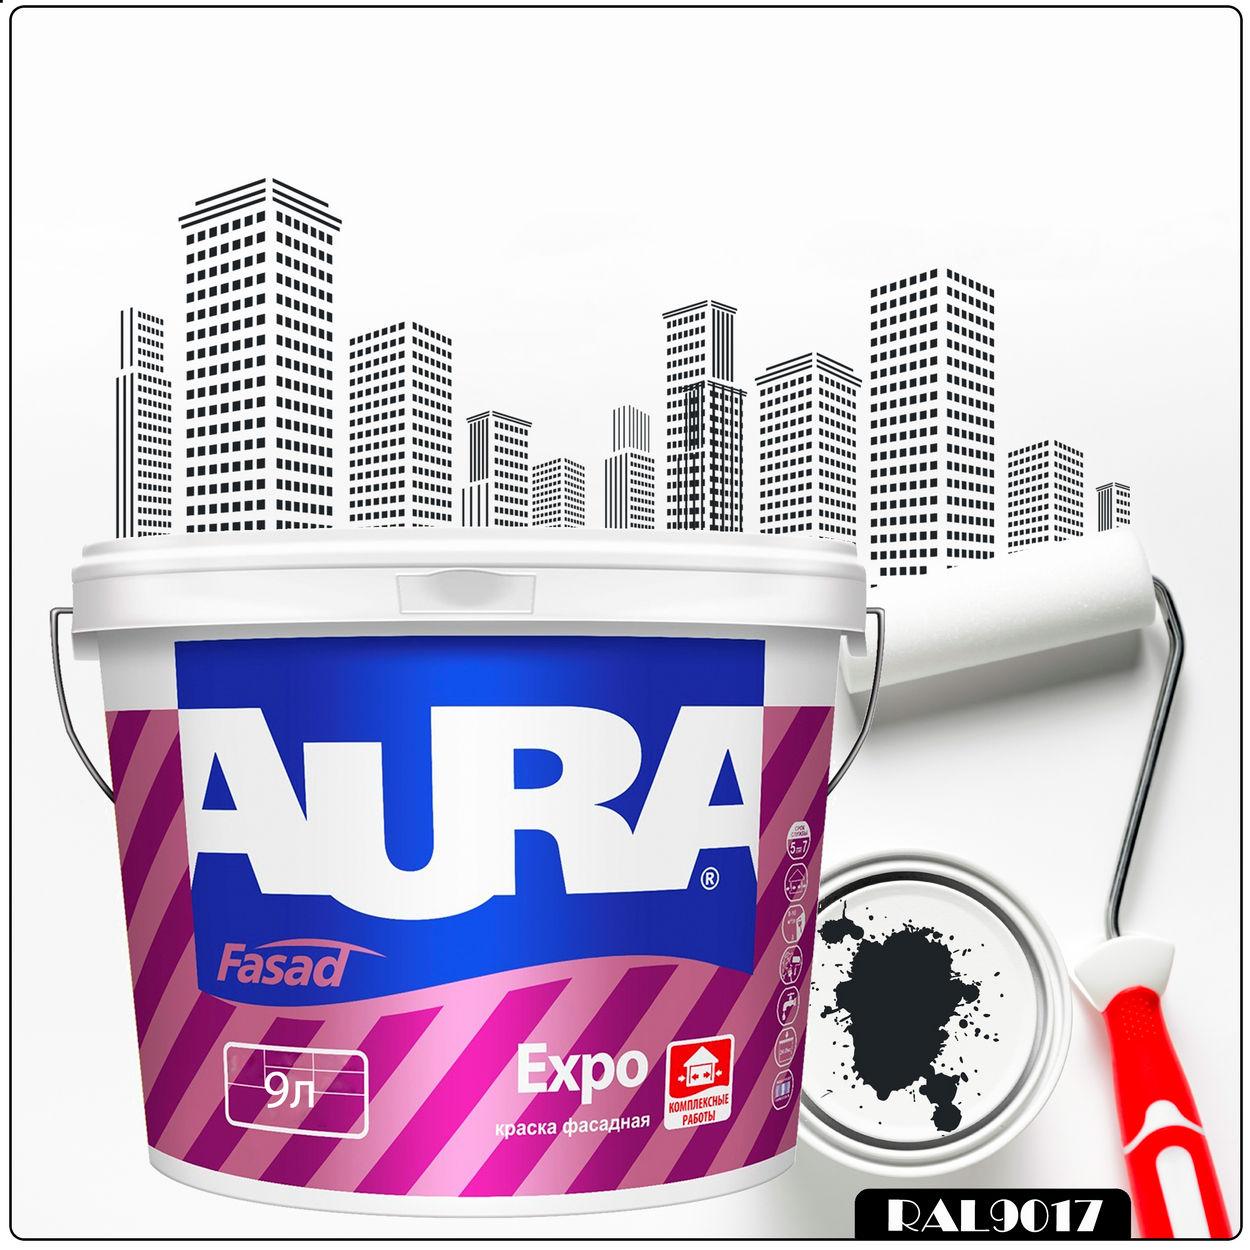 Фото 9 - Краска Aura Fasad Expo, RAL 9017 Чёрный-транспортный, матовая, для фасадов и помещений с повышенной влажностью, 9л.